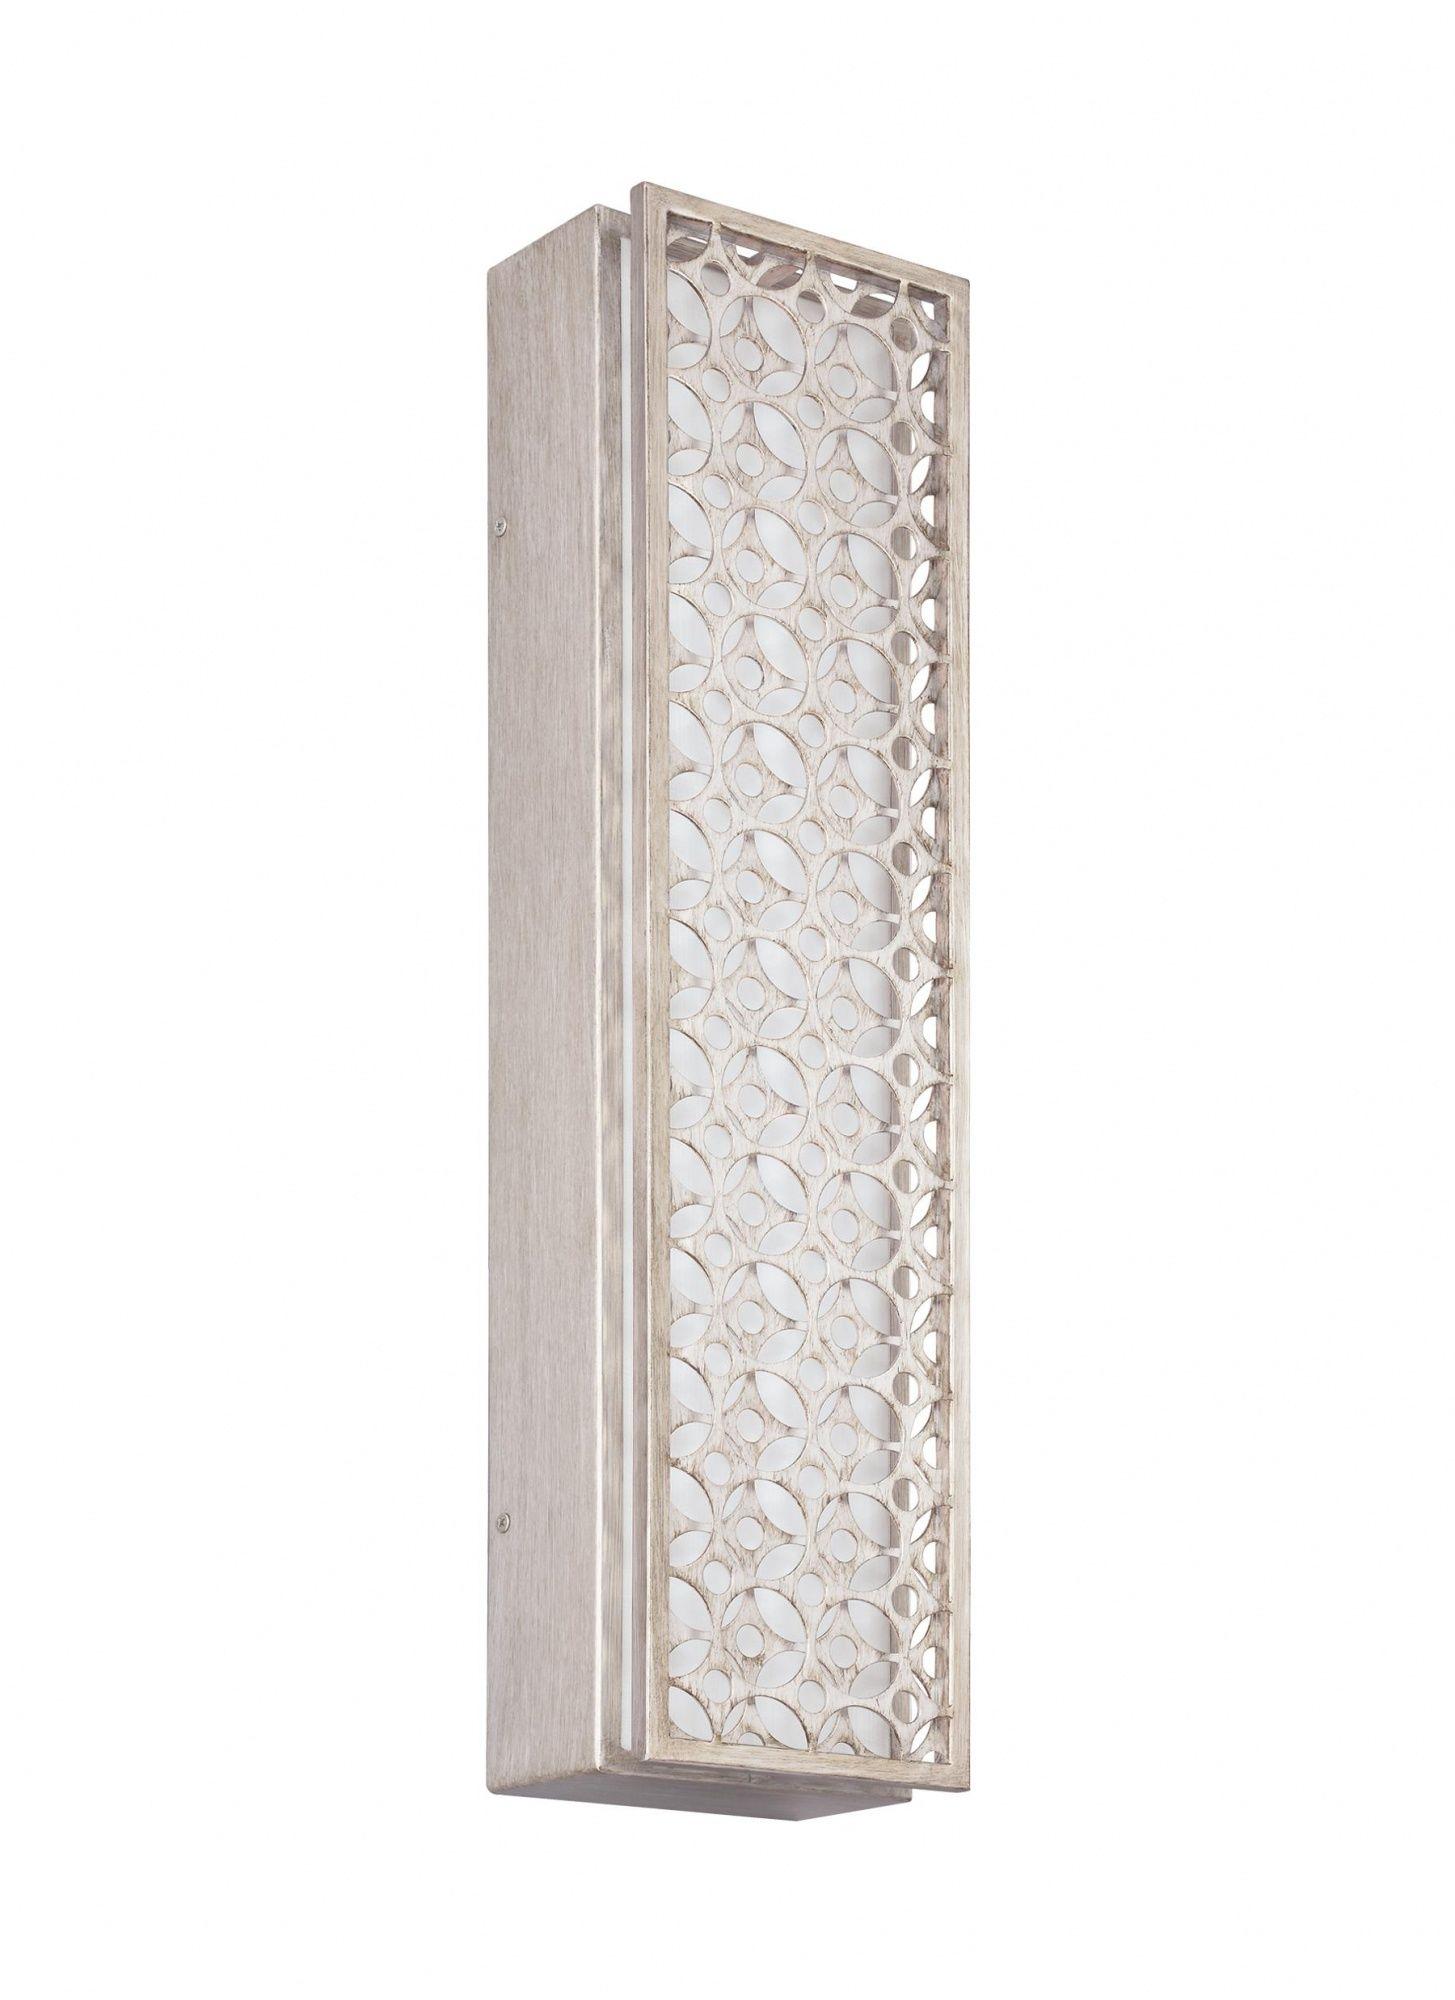 Kinkiet Kenney FE/KENNEY/LED Feiss oprawa ścienna w dekoracyjnym stylu